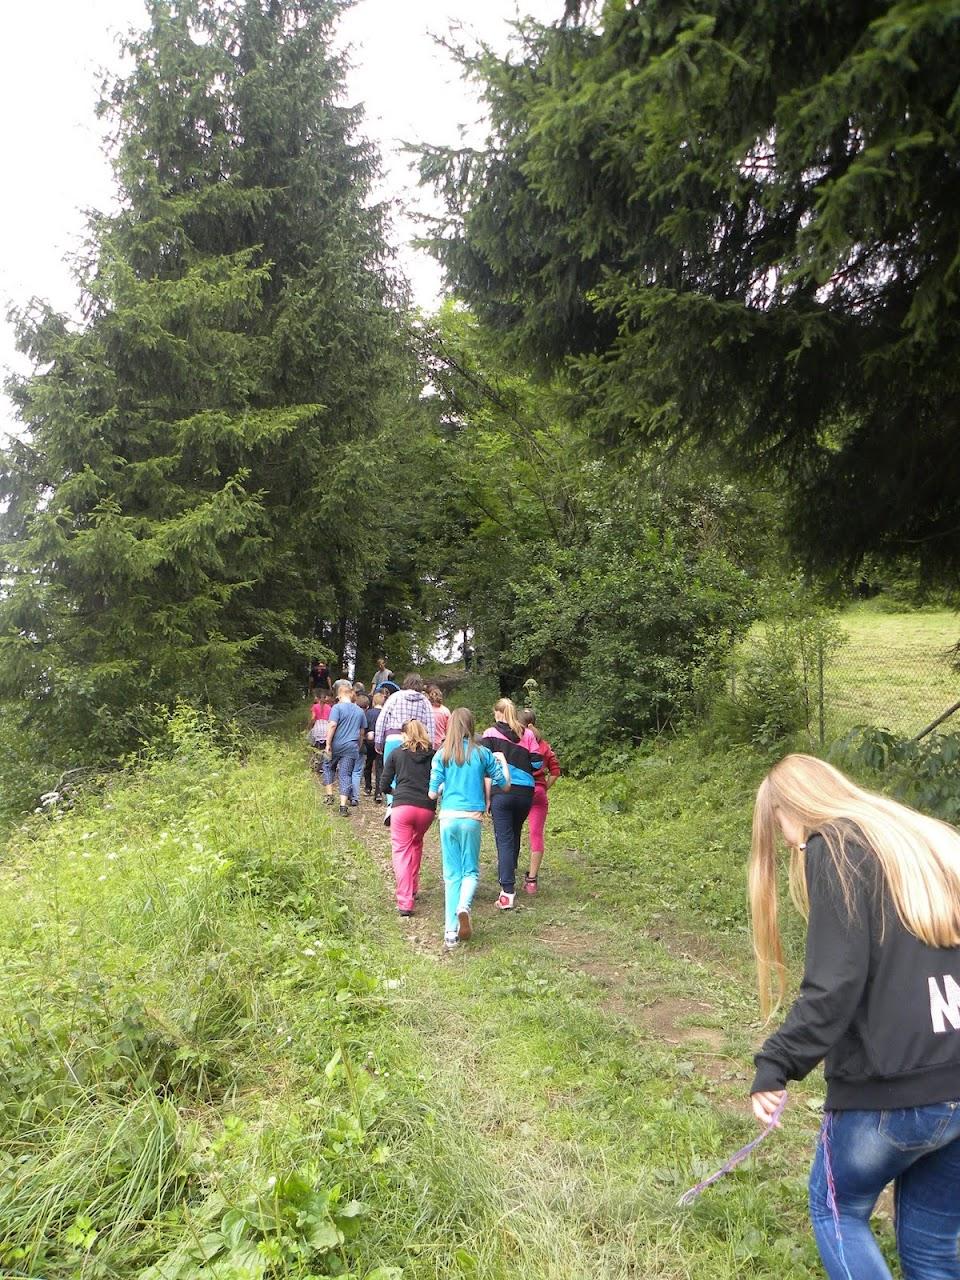 Tábor - Veľké Karlovice - fotka 528.JPG